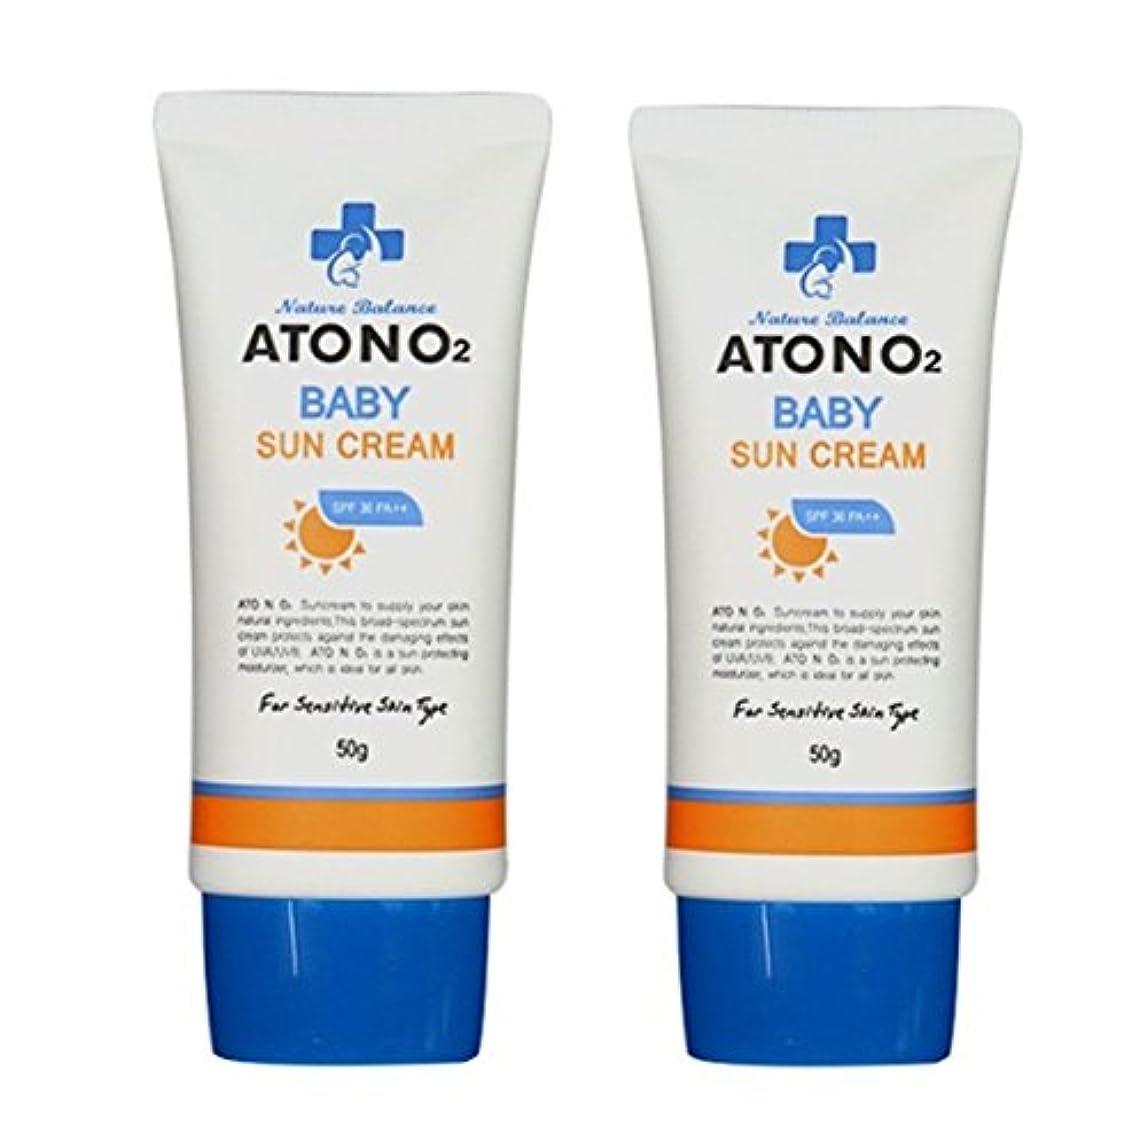 あたたかい劇的配管工(ATONO2) ベビーサン?クリーム (SPF30/PA++) 50g x 2本セット ATONO2 Baby Sun Cream (SPF30/PA++) 50g x 2ea Set [並行輸入品]